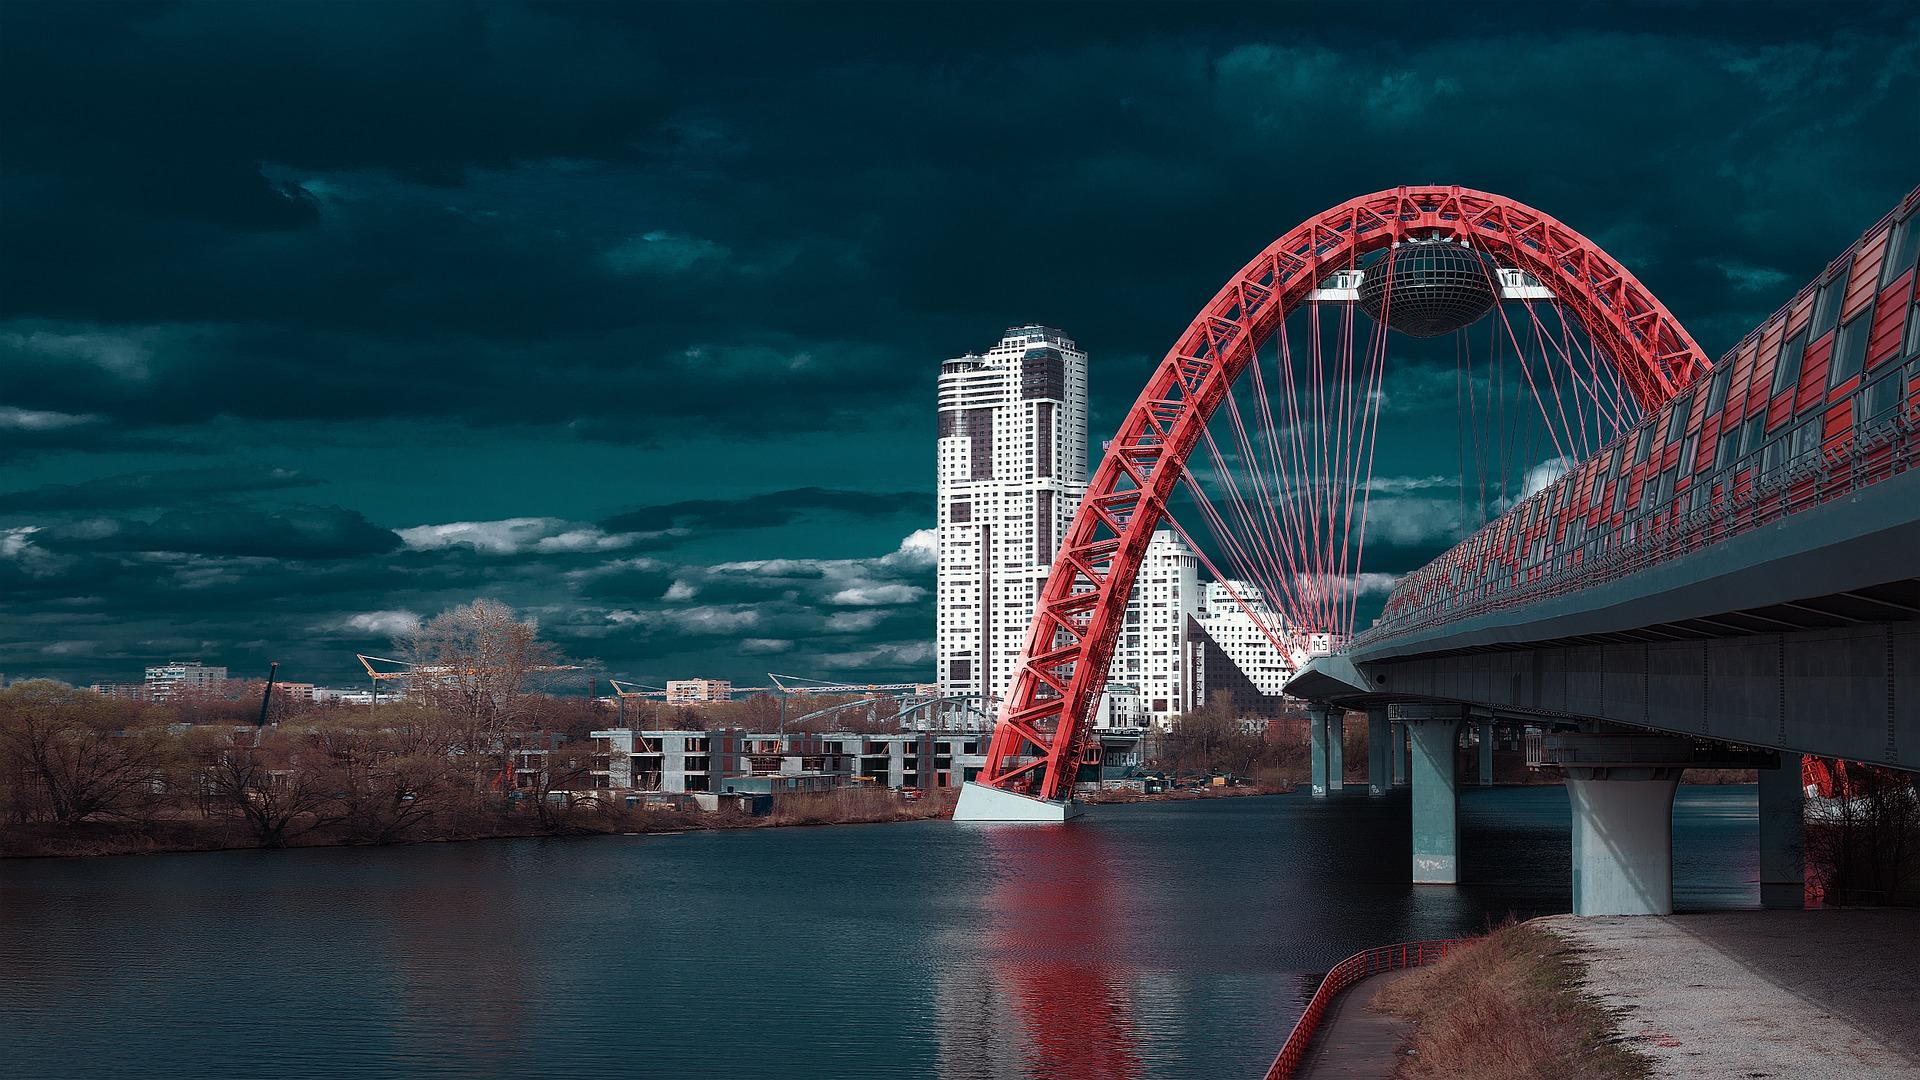 the-picturesque-bridge-1389841_1920